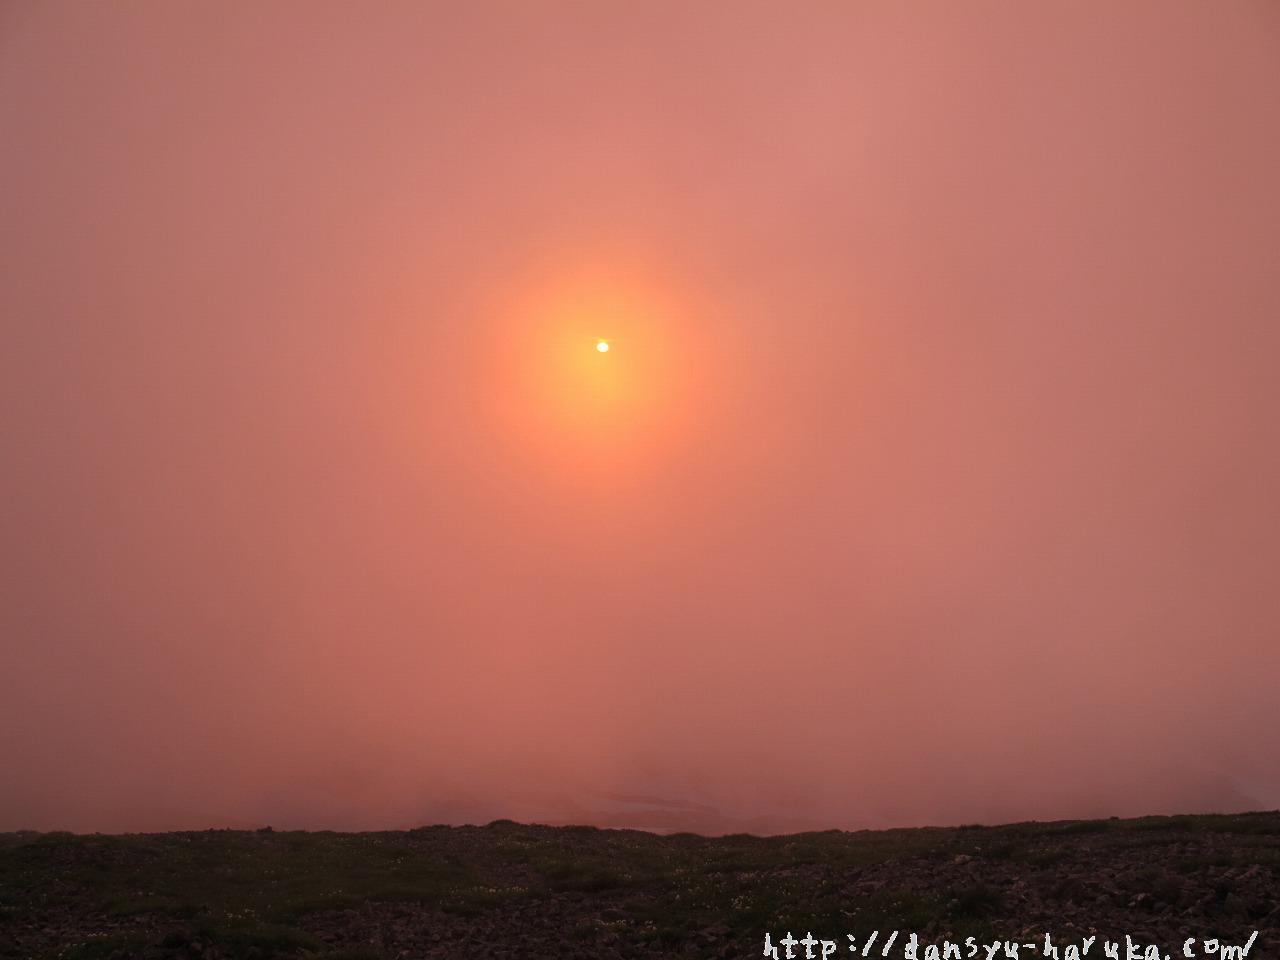 断酒主婦はるかが撮った白馬山山頂からの沈む太陽